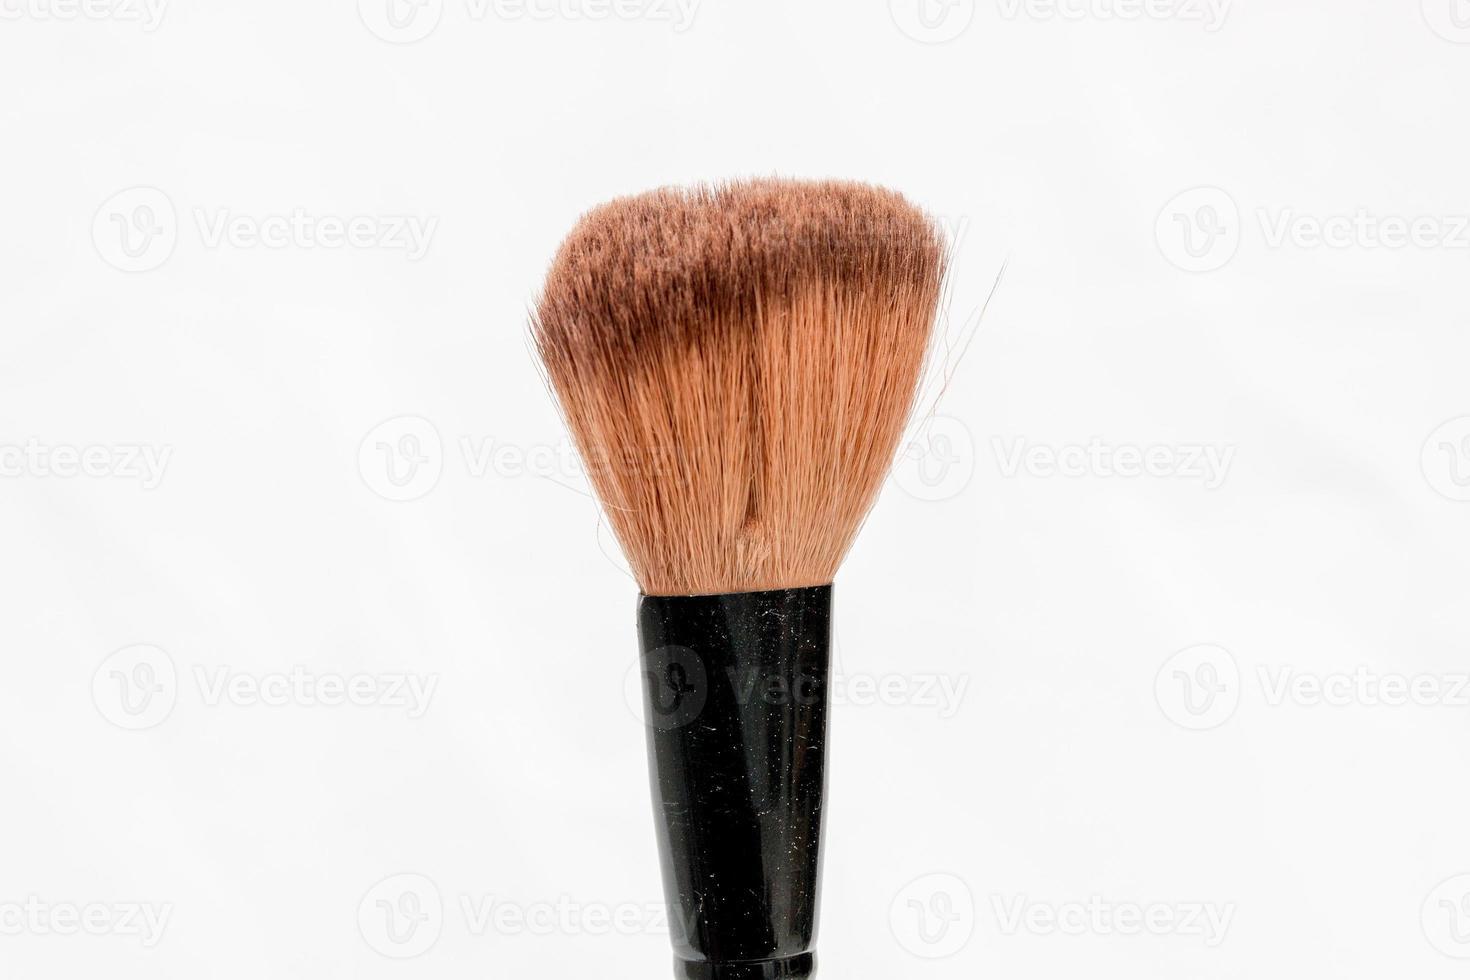 pinceau de maquillage avec un fond blanc à rio de janeiro, brésil photo